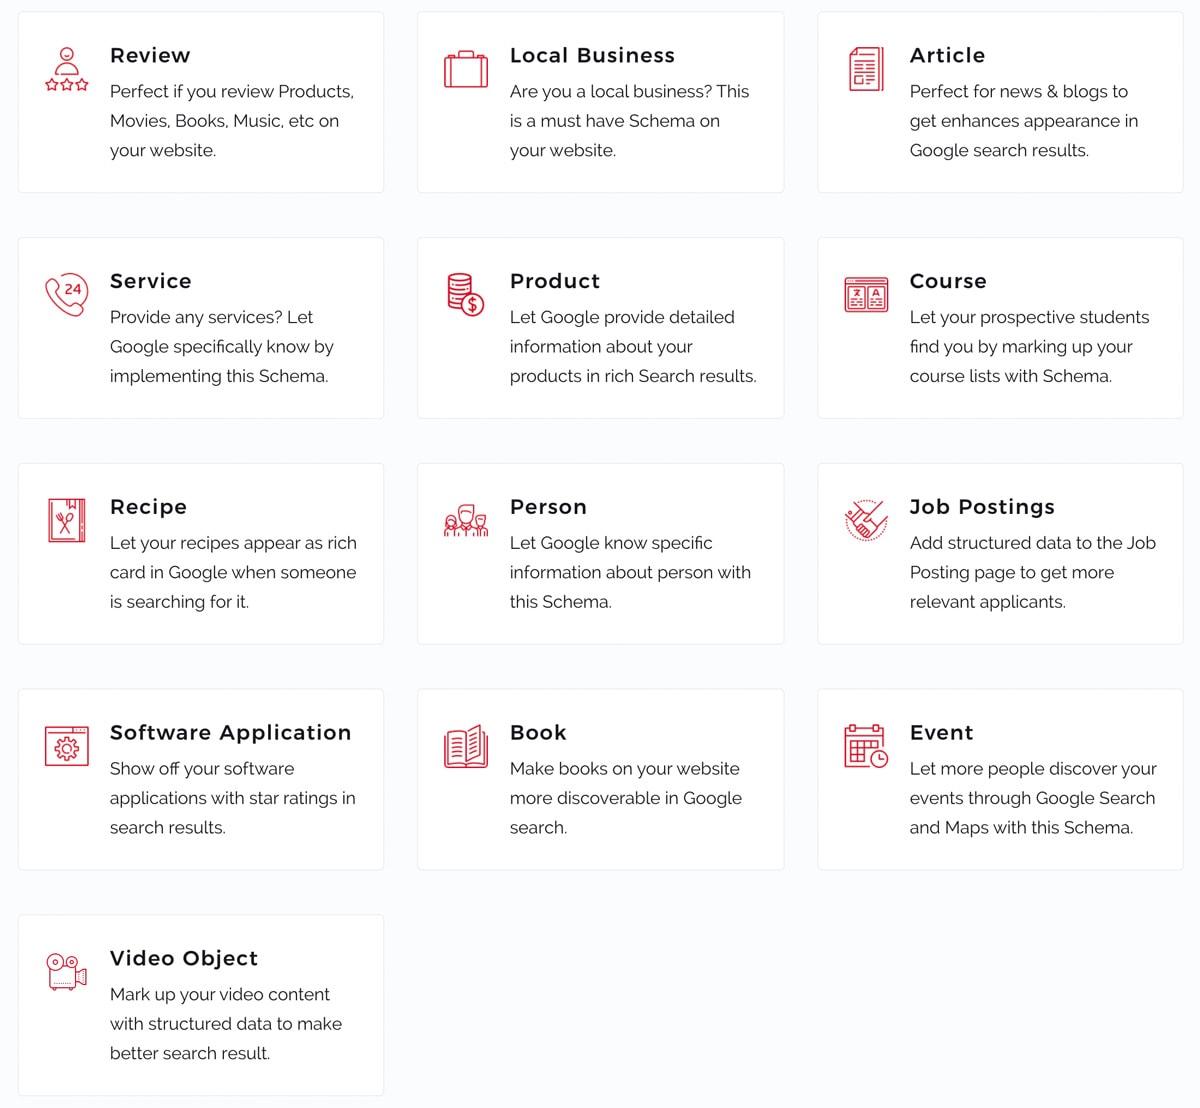 Schema pro supports 13 Schema markup types